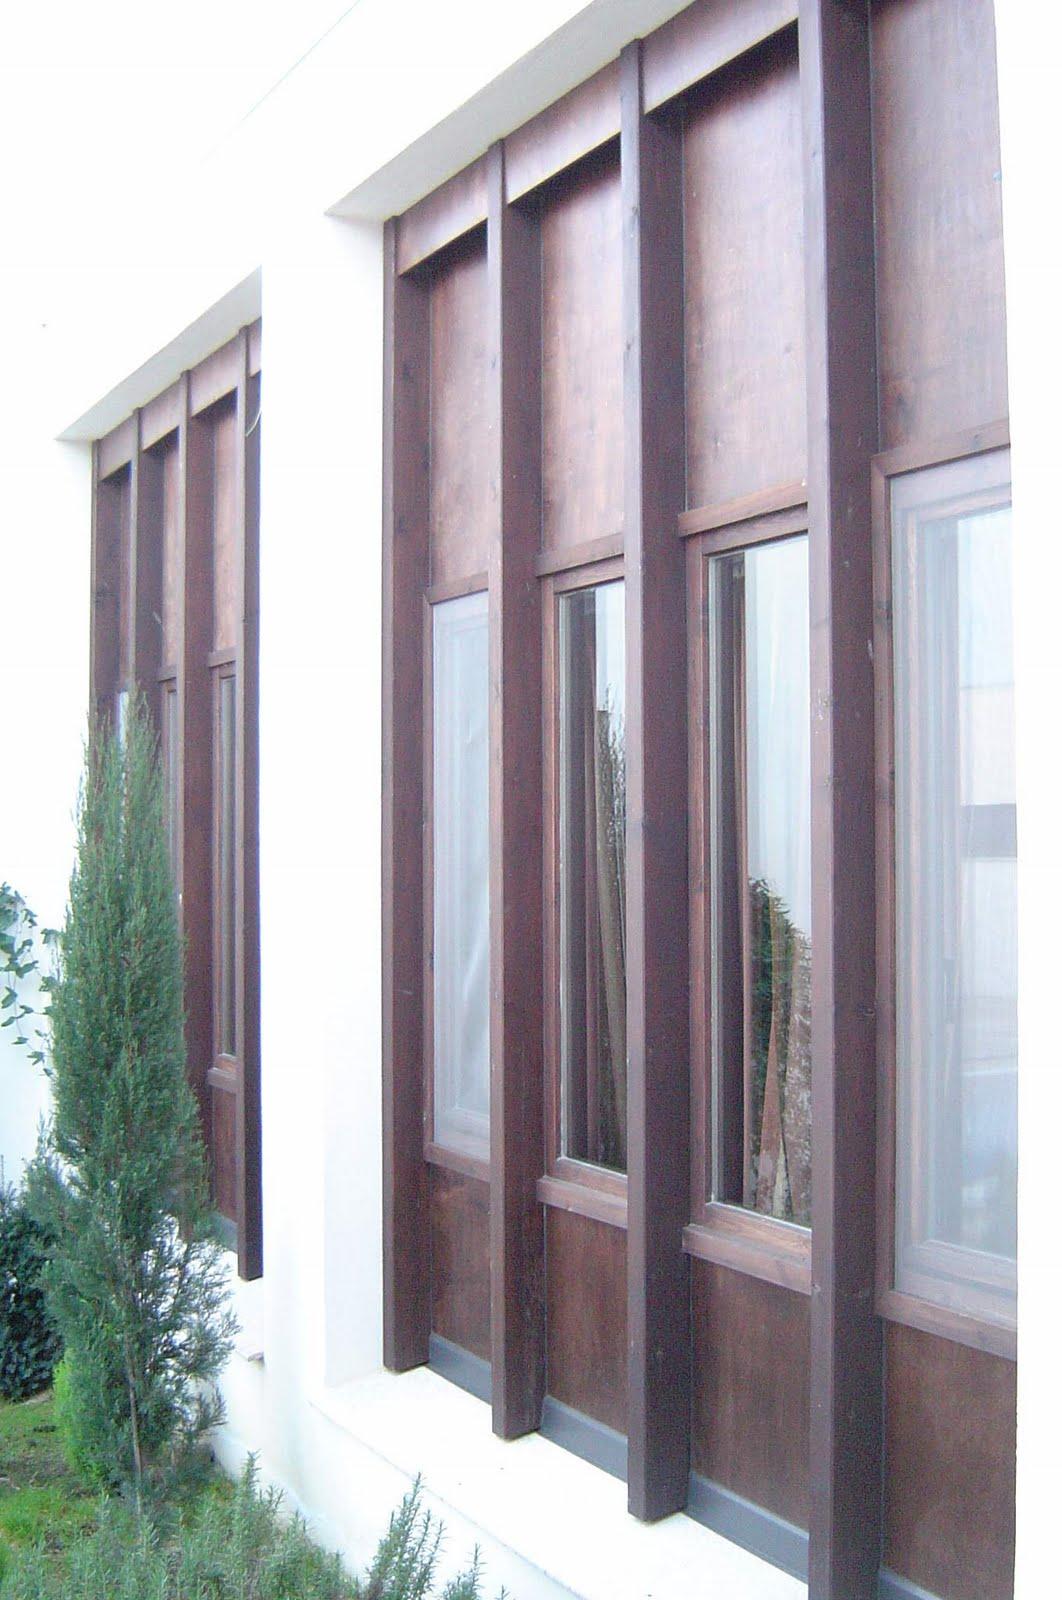 Pascal denis carpinteria exterior de madera - Carpinteria exterior ...